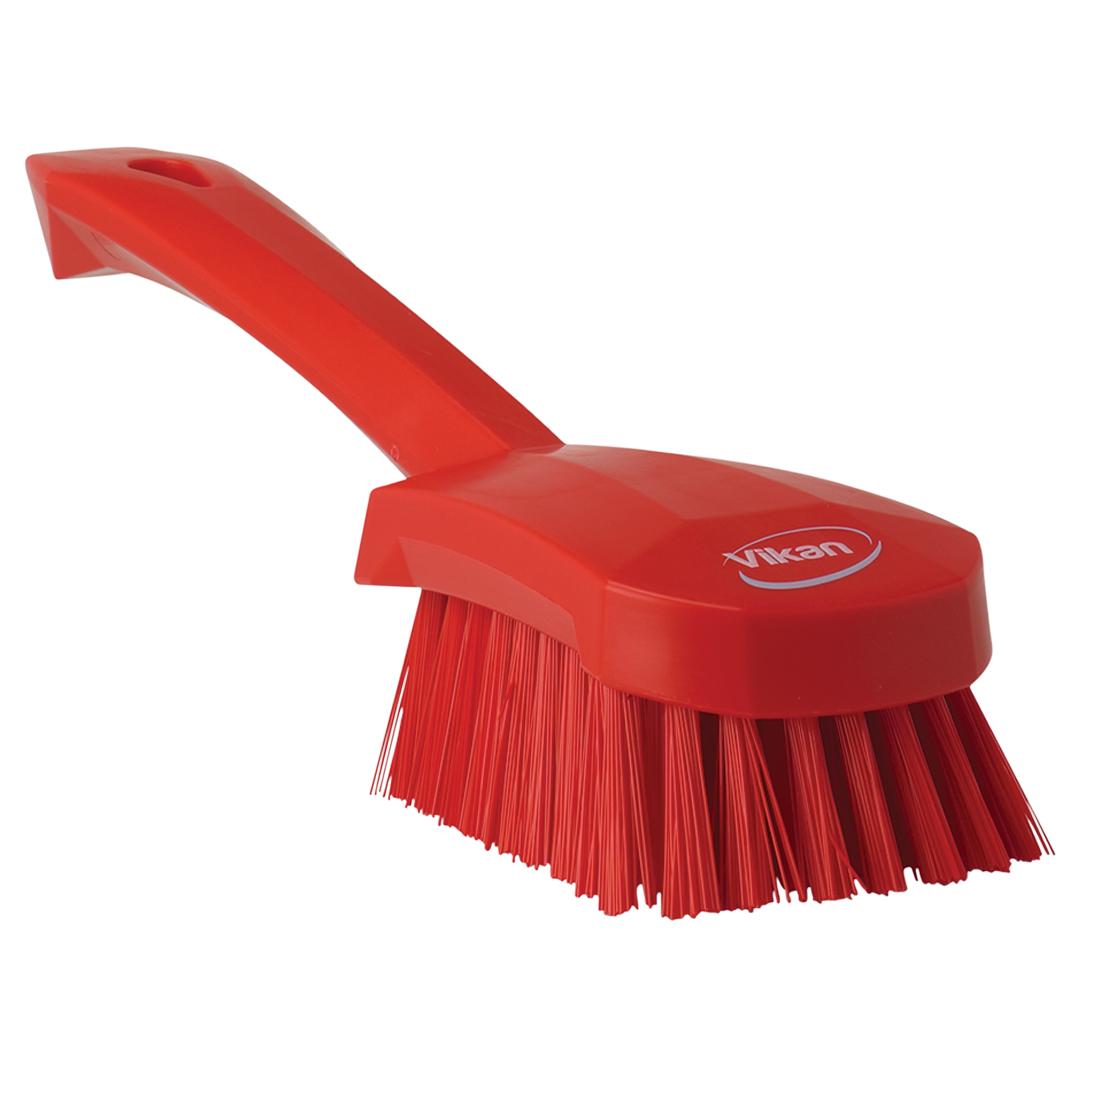 Short Handled Brush image